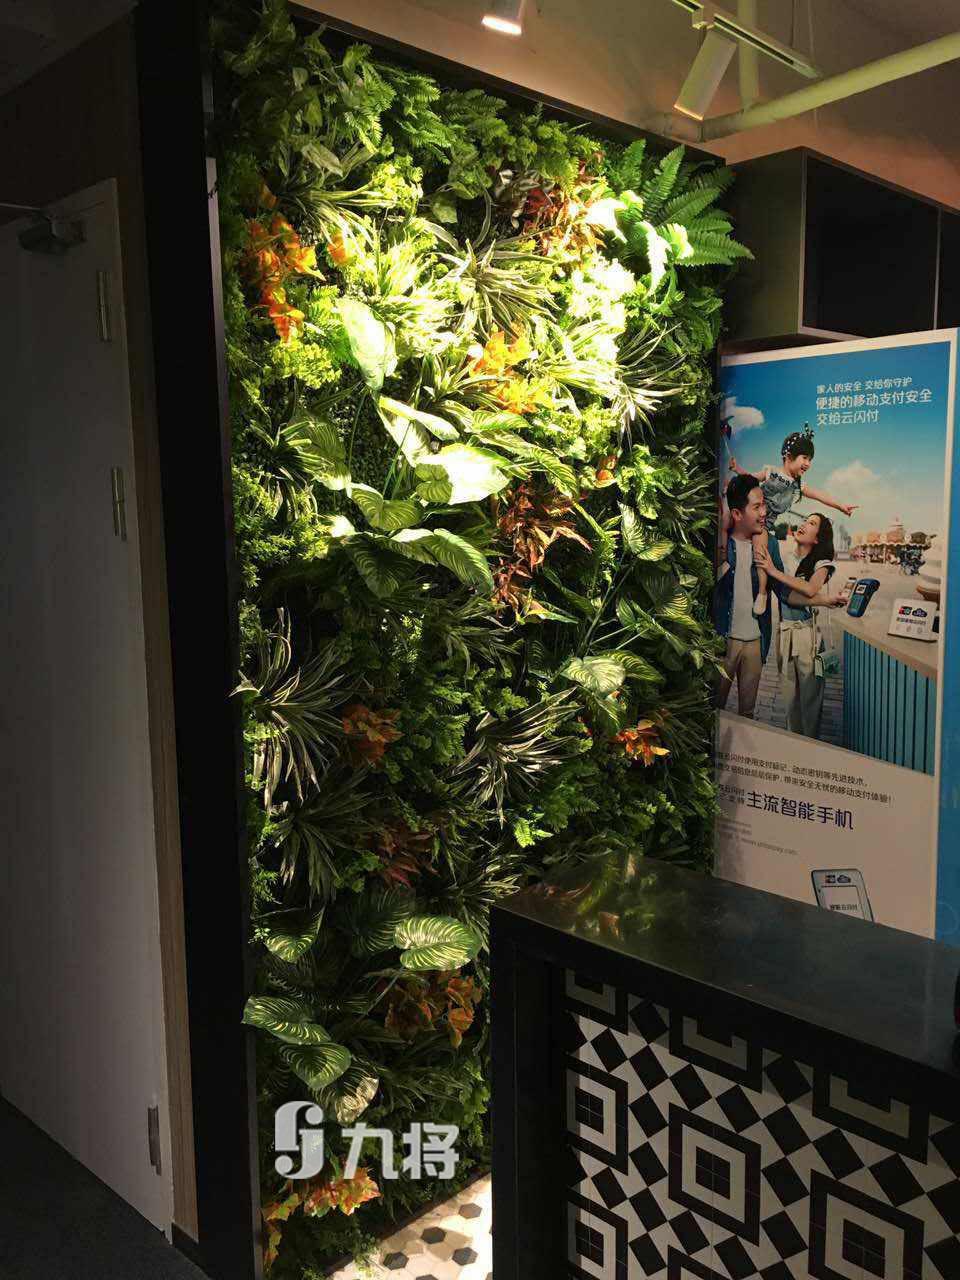 上海仿真植物墙/城市立体绿化设计/上海九将农业科技有限公司